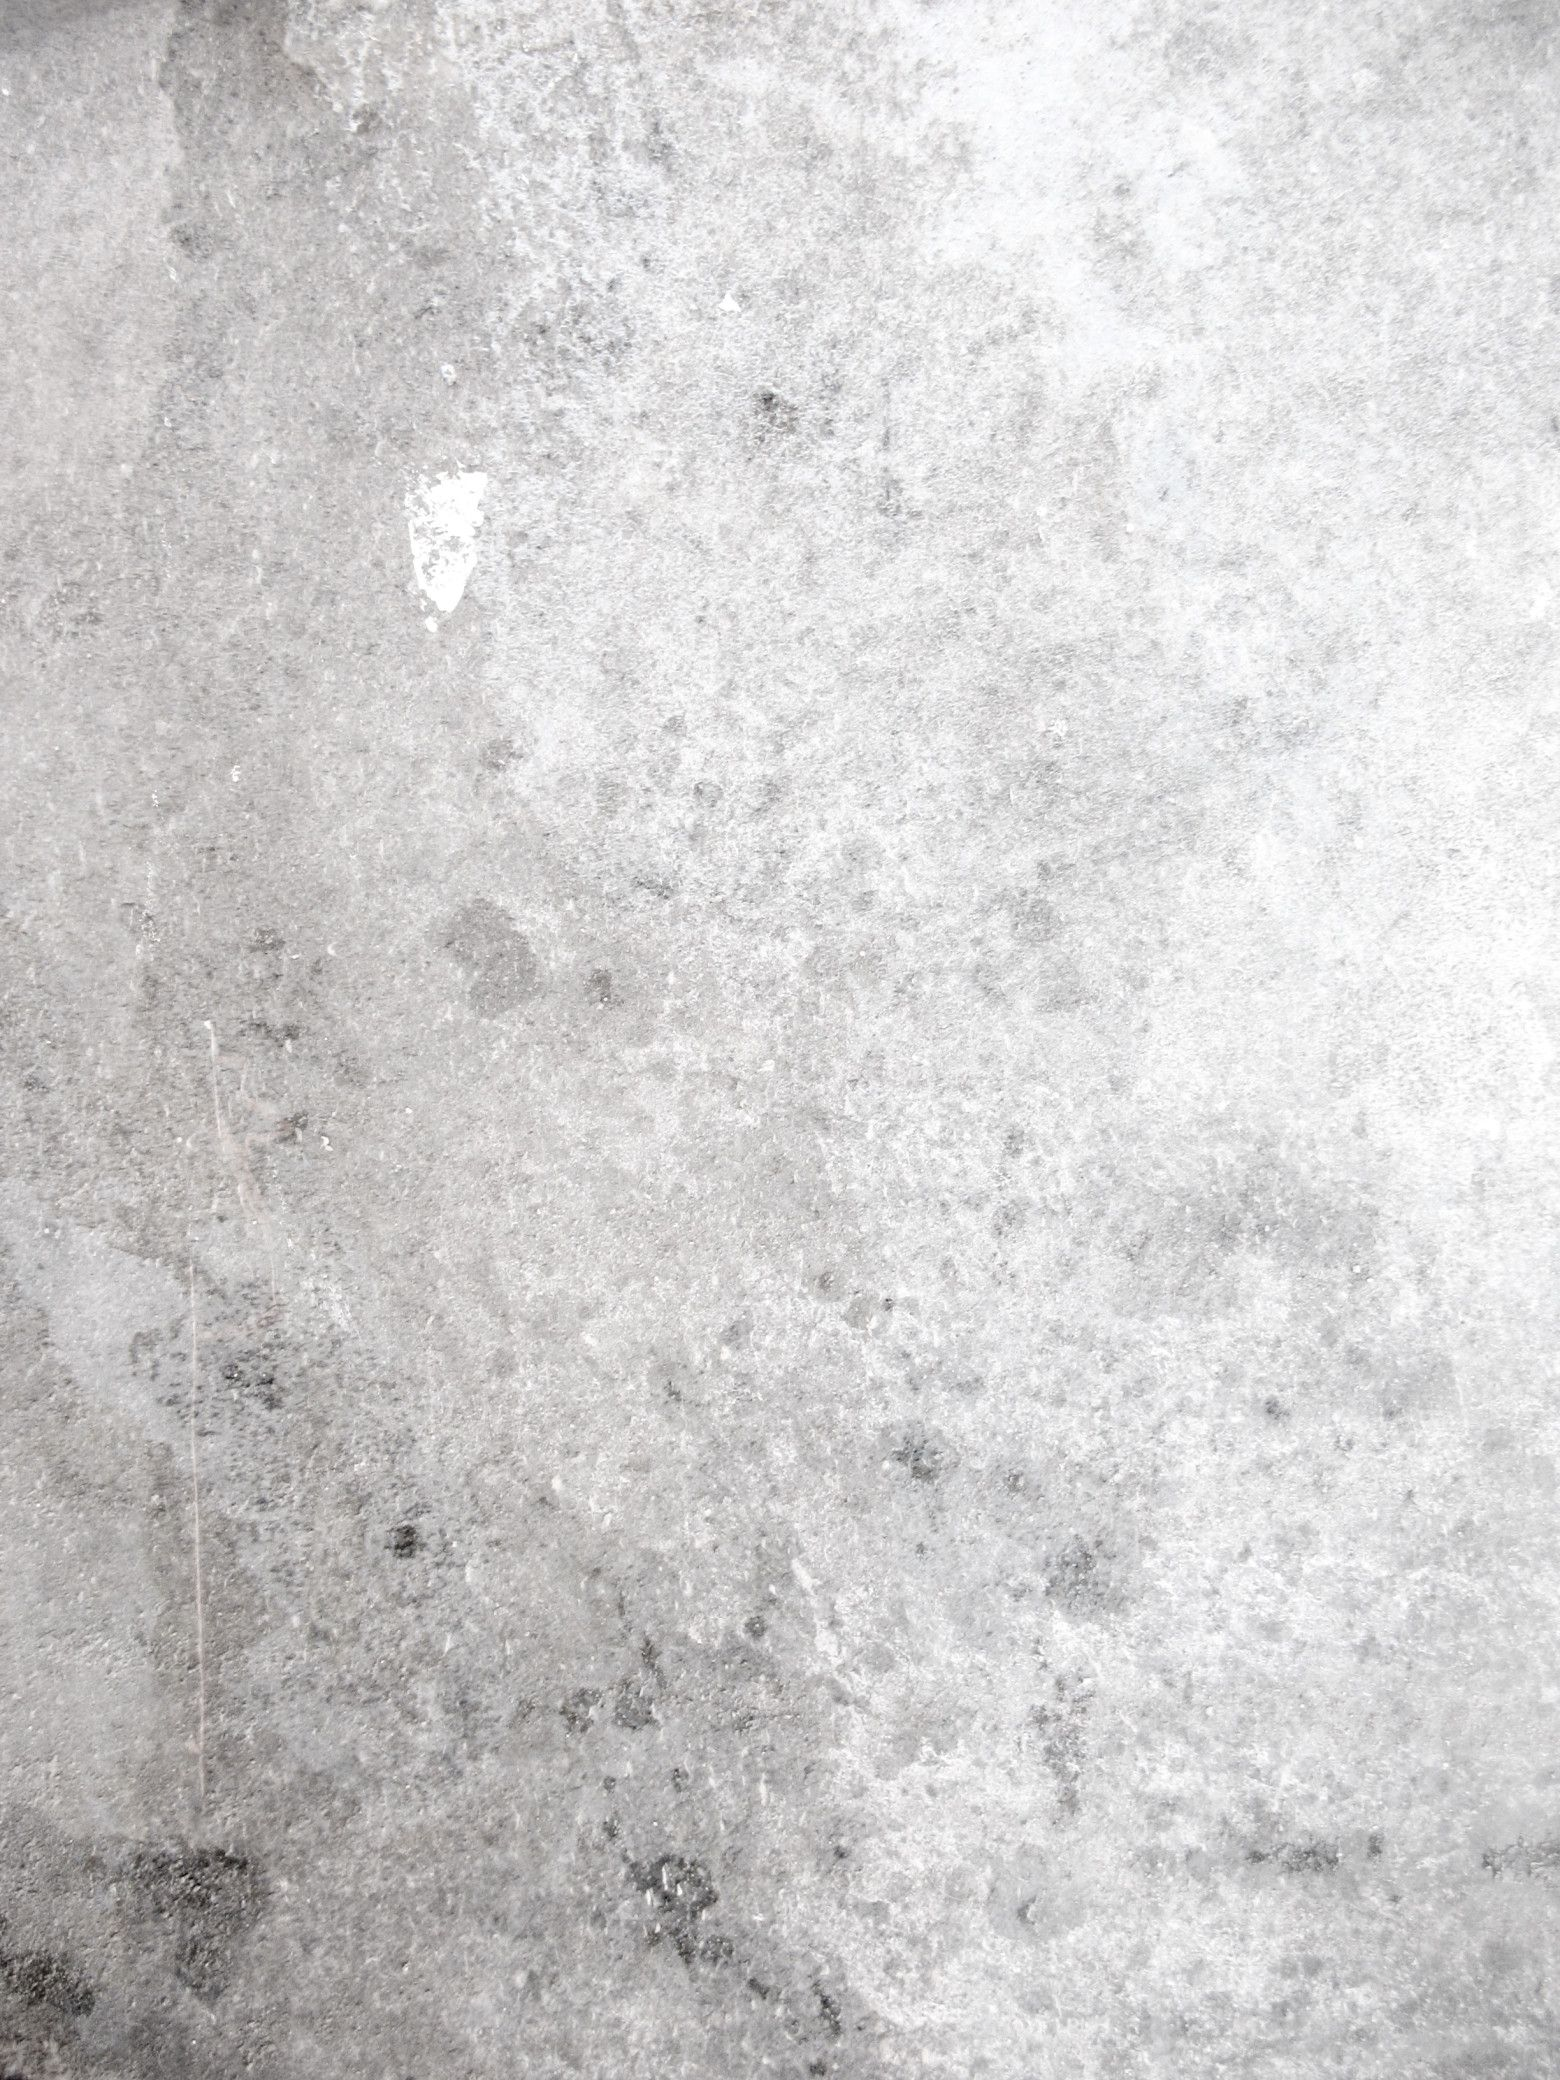 Free Subtle Light Grunge Texture Texture L T Concrete Texture Texture Grunge Textures